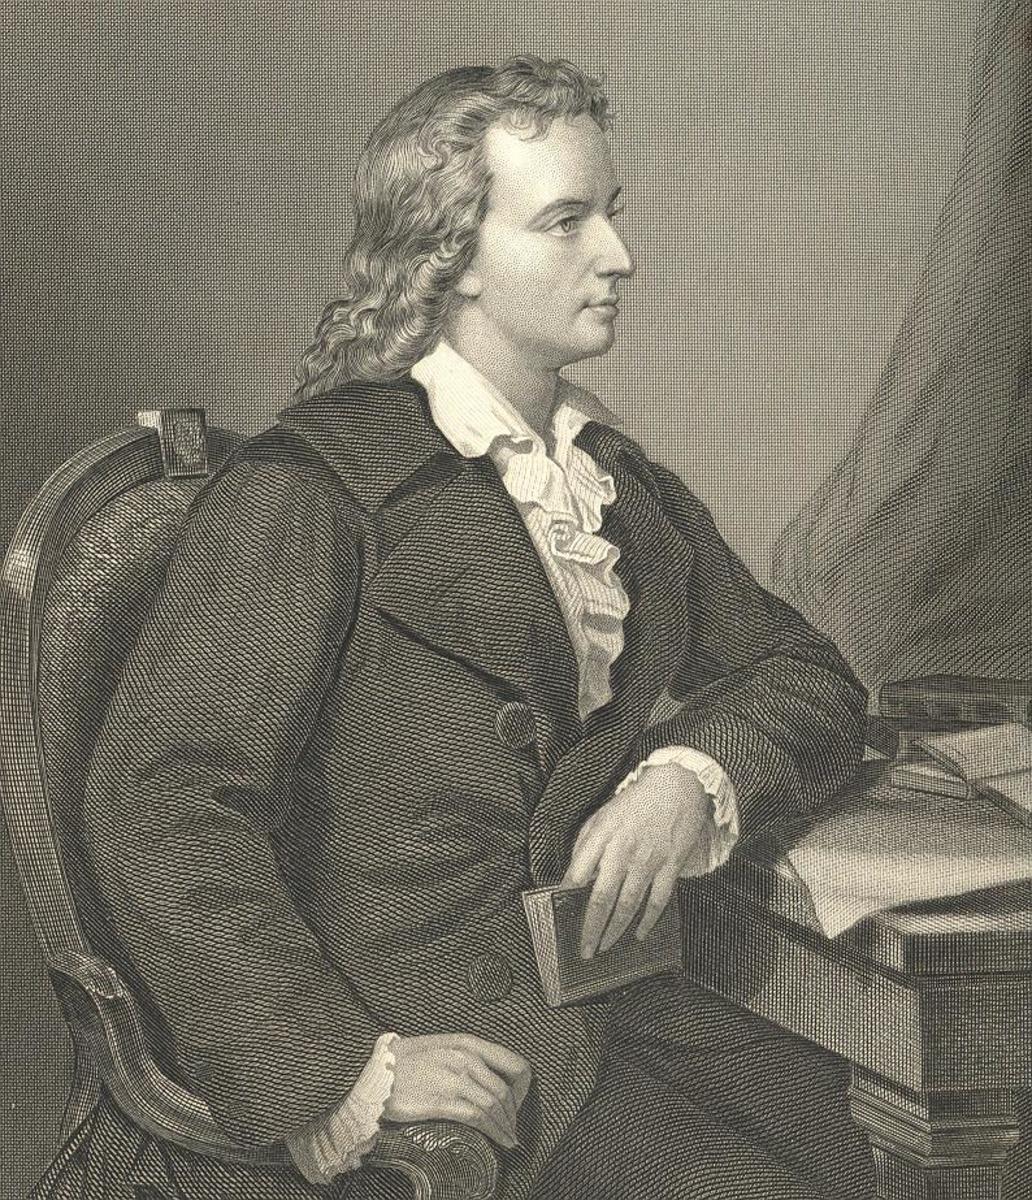 Johann Schiller